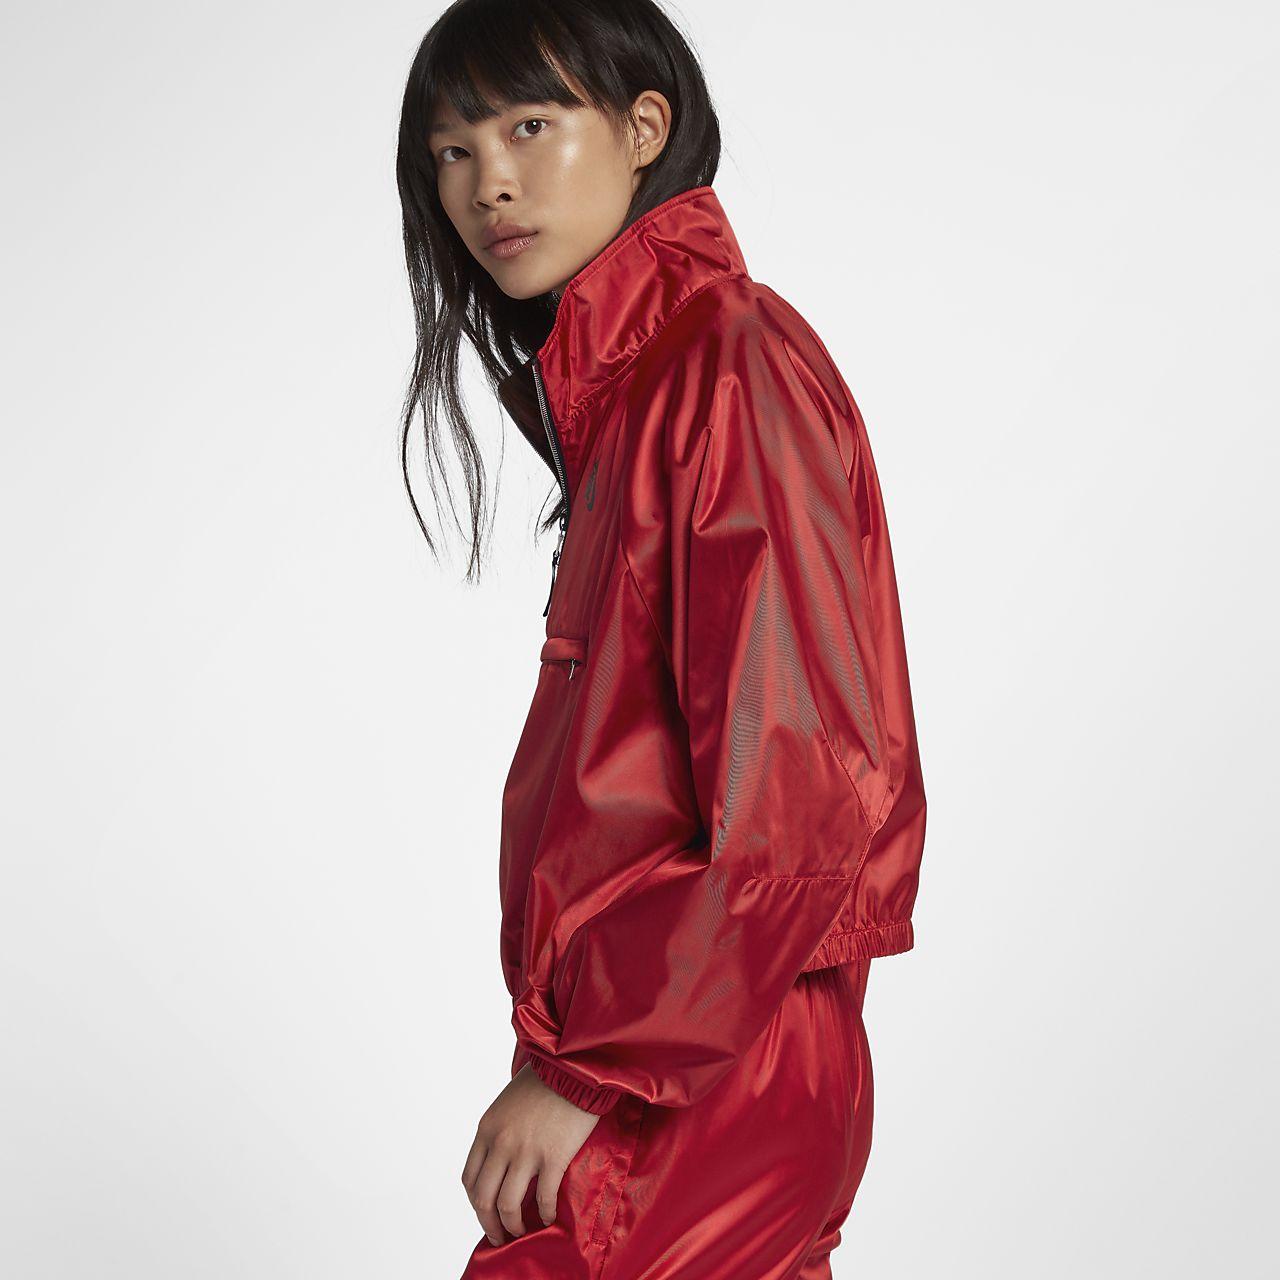 NikeLab Collection Women s Half-Zip Top. Nike.com SG e4261df3a5